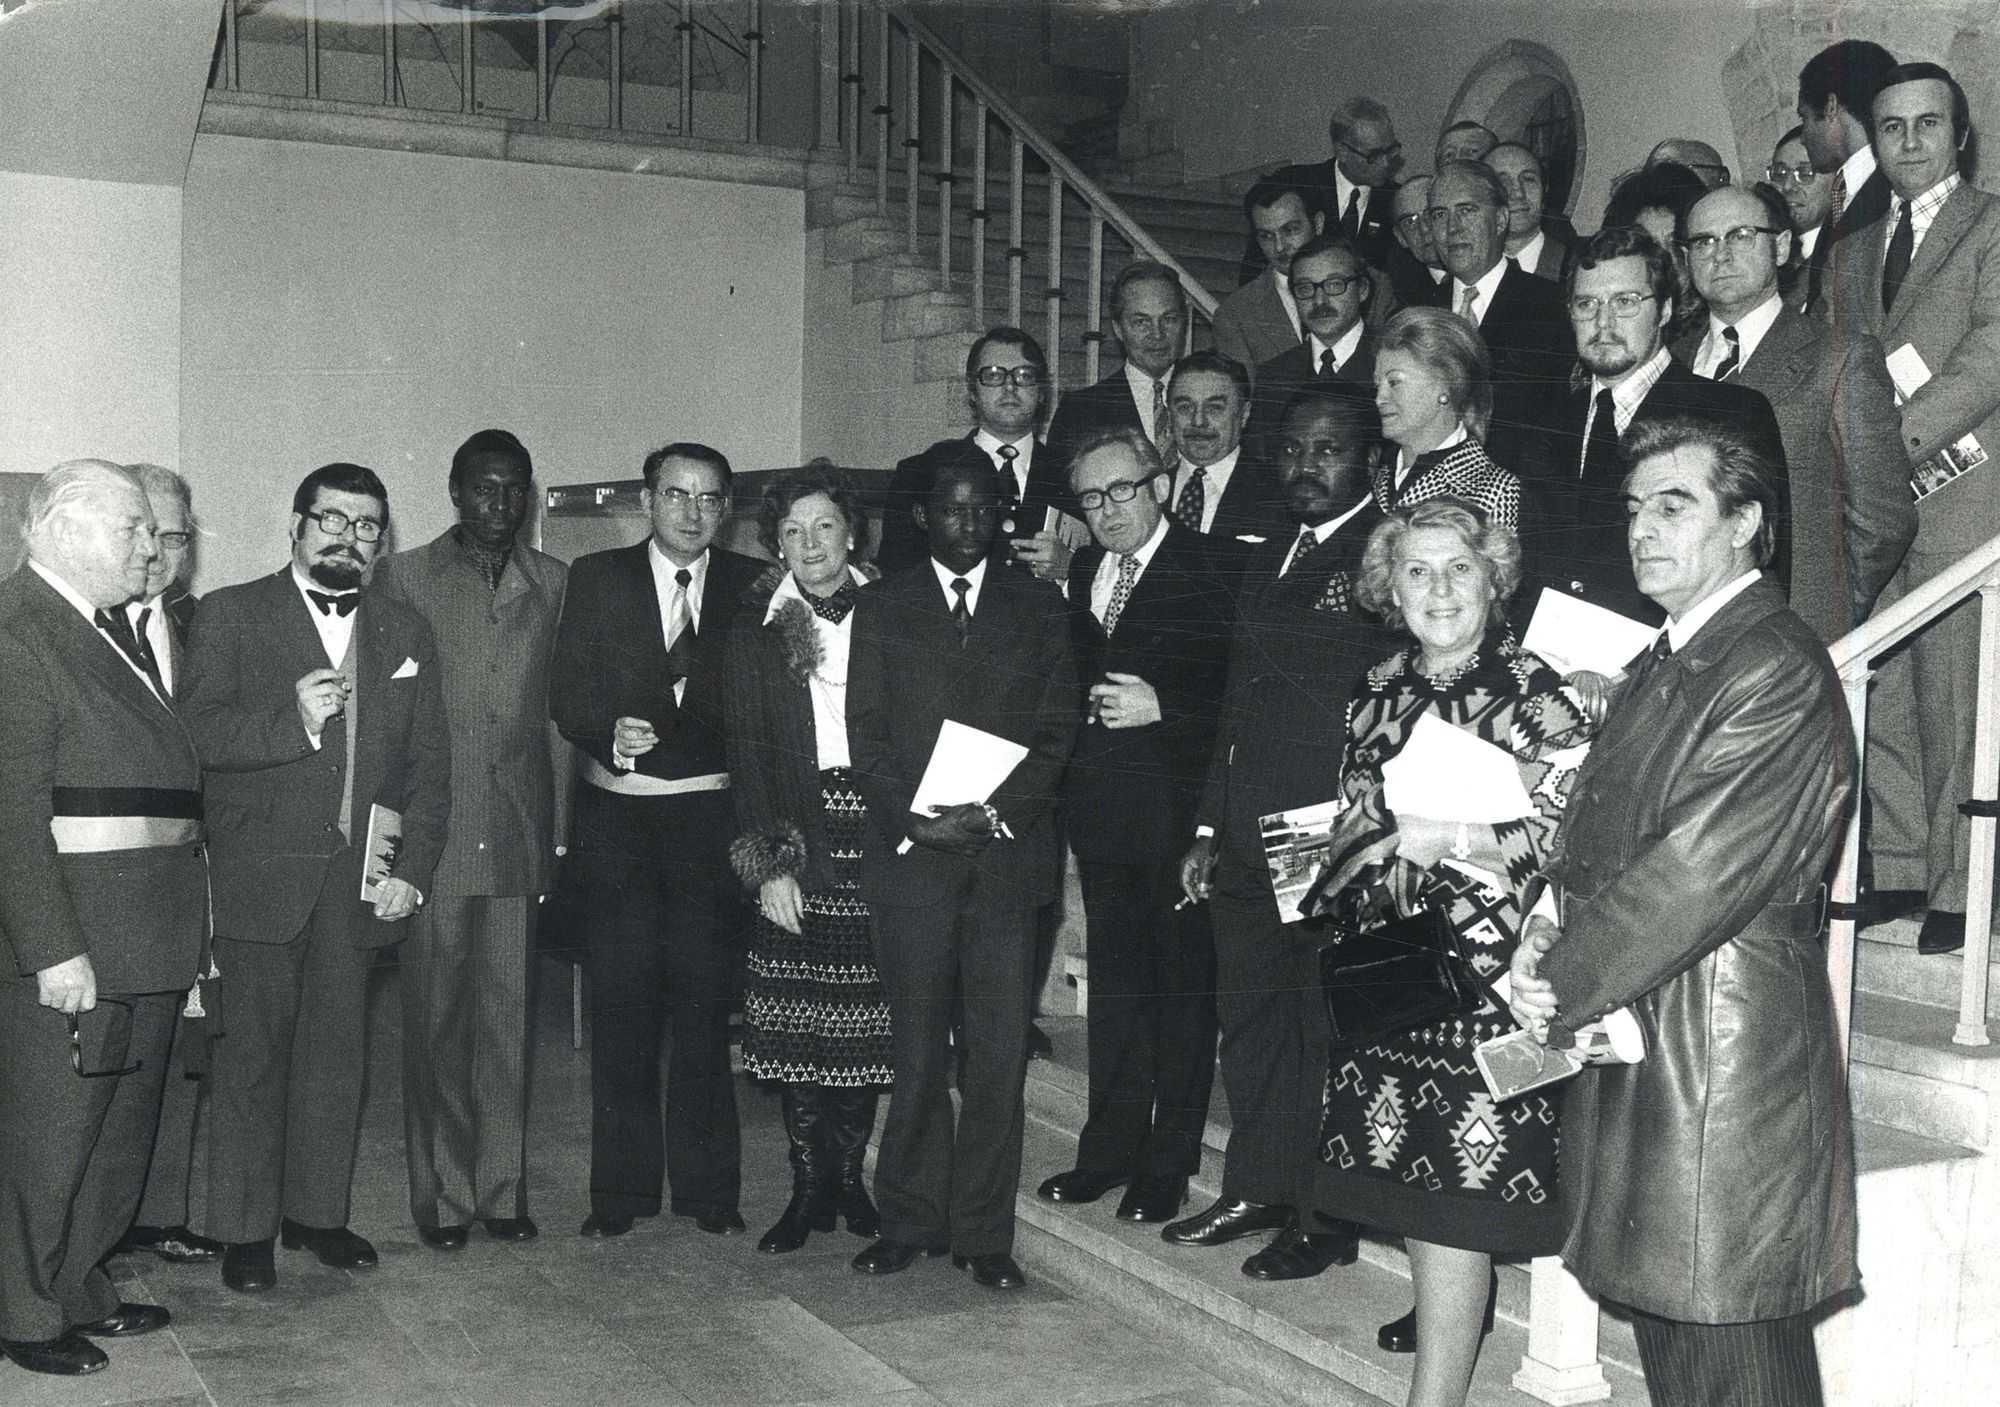 Afrikaanse vertegenwoordiging op het stadhuis